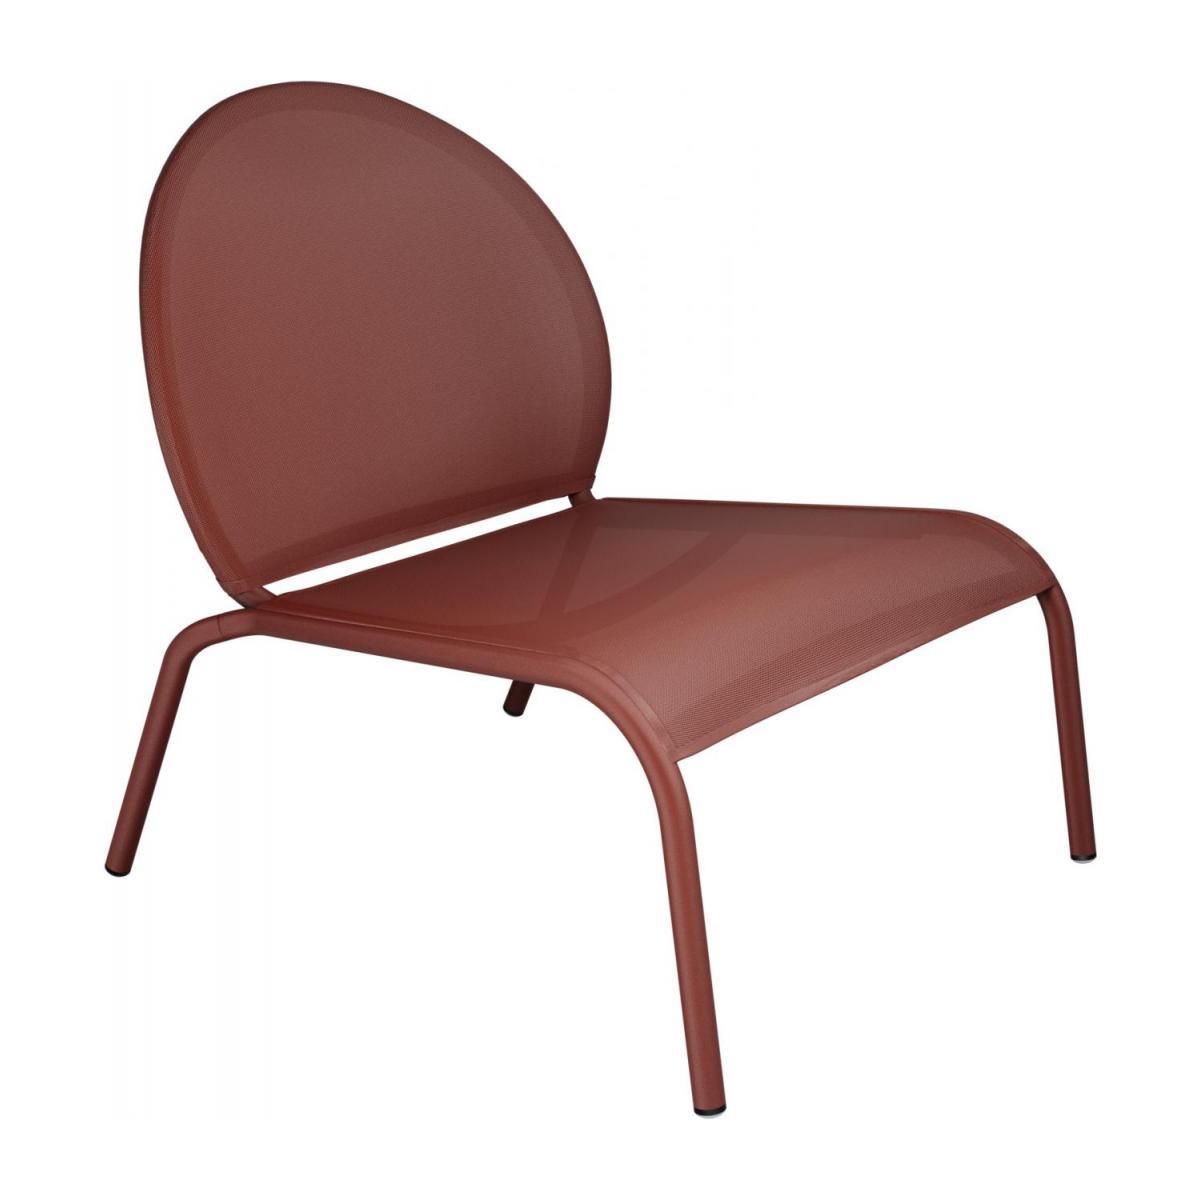 Chaise Lounge En Aluminium Et Textilène - Rouge à Chaise Basse De Jardin